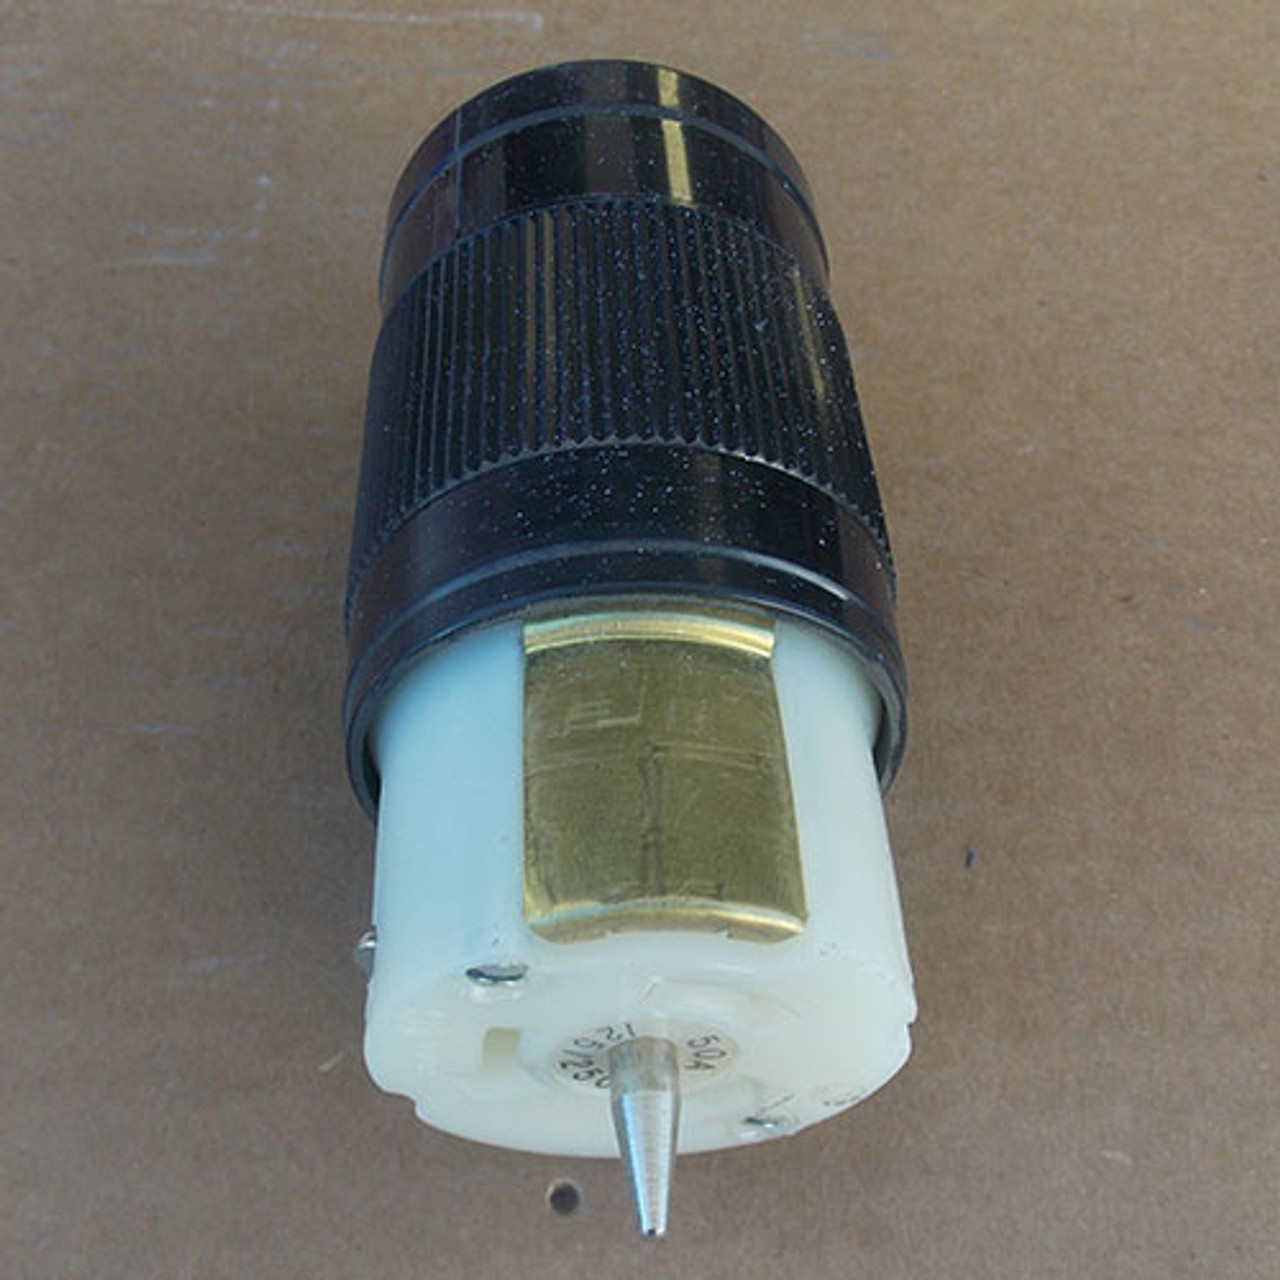 20 Amp 250v 3 Phase Twist Lock 4 Pole Receptacle Used Bryant Hubbel